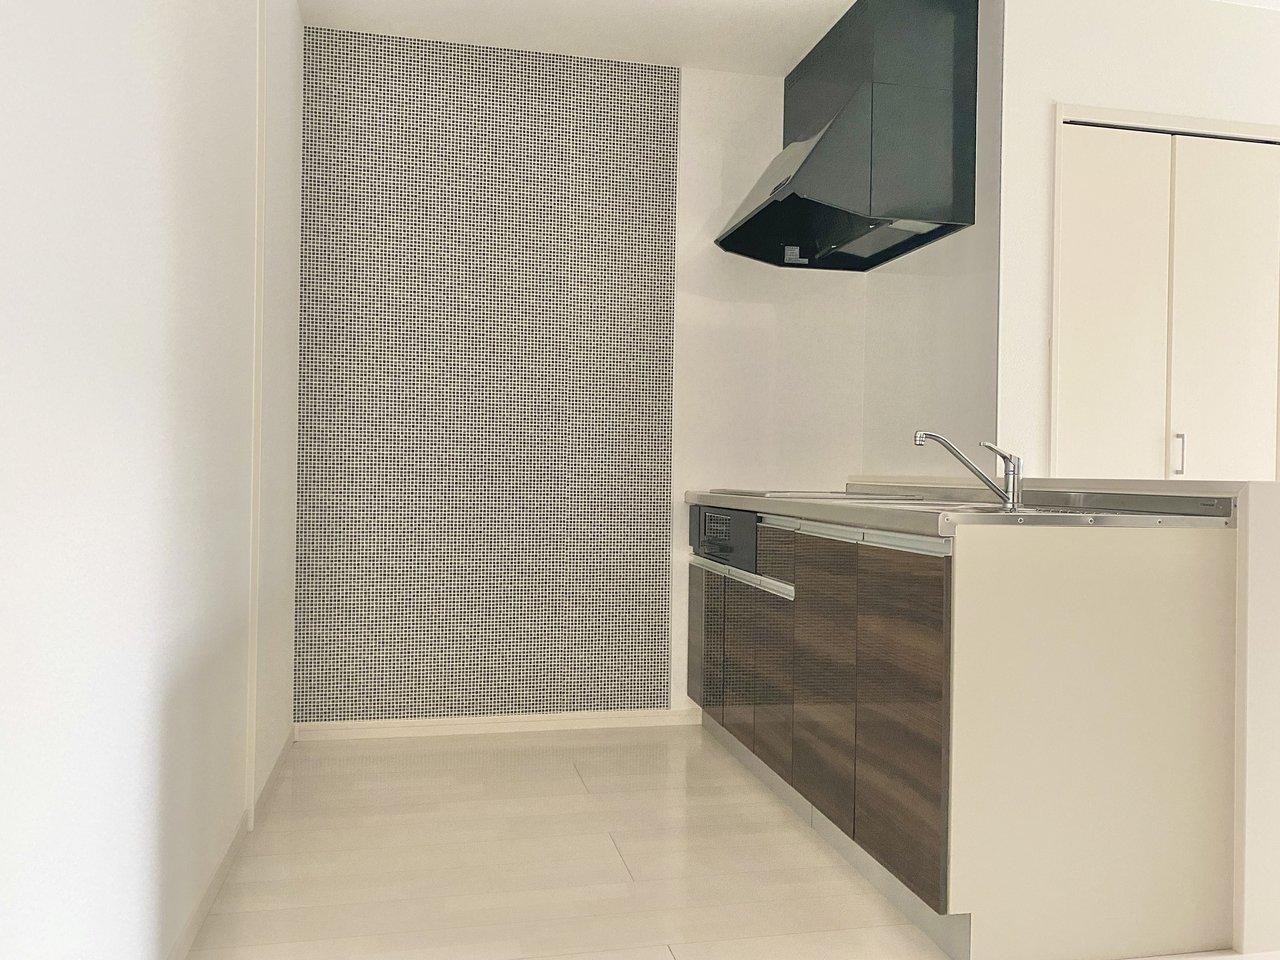 キッチンの設備も十分。スペースも広いので、食器棚を置いて好きな器が並べられそうですよ。